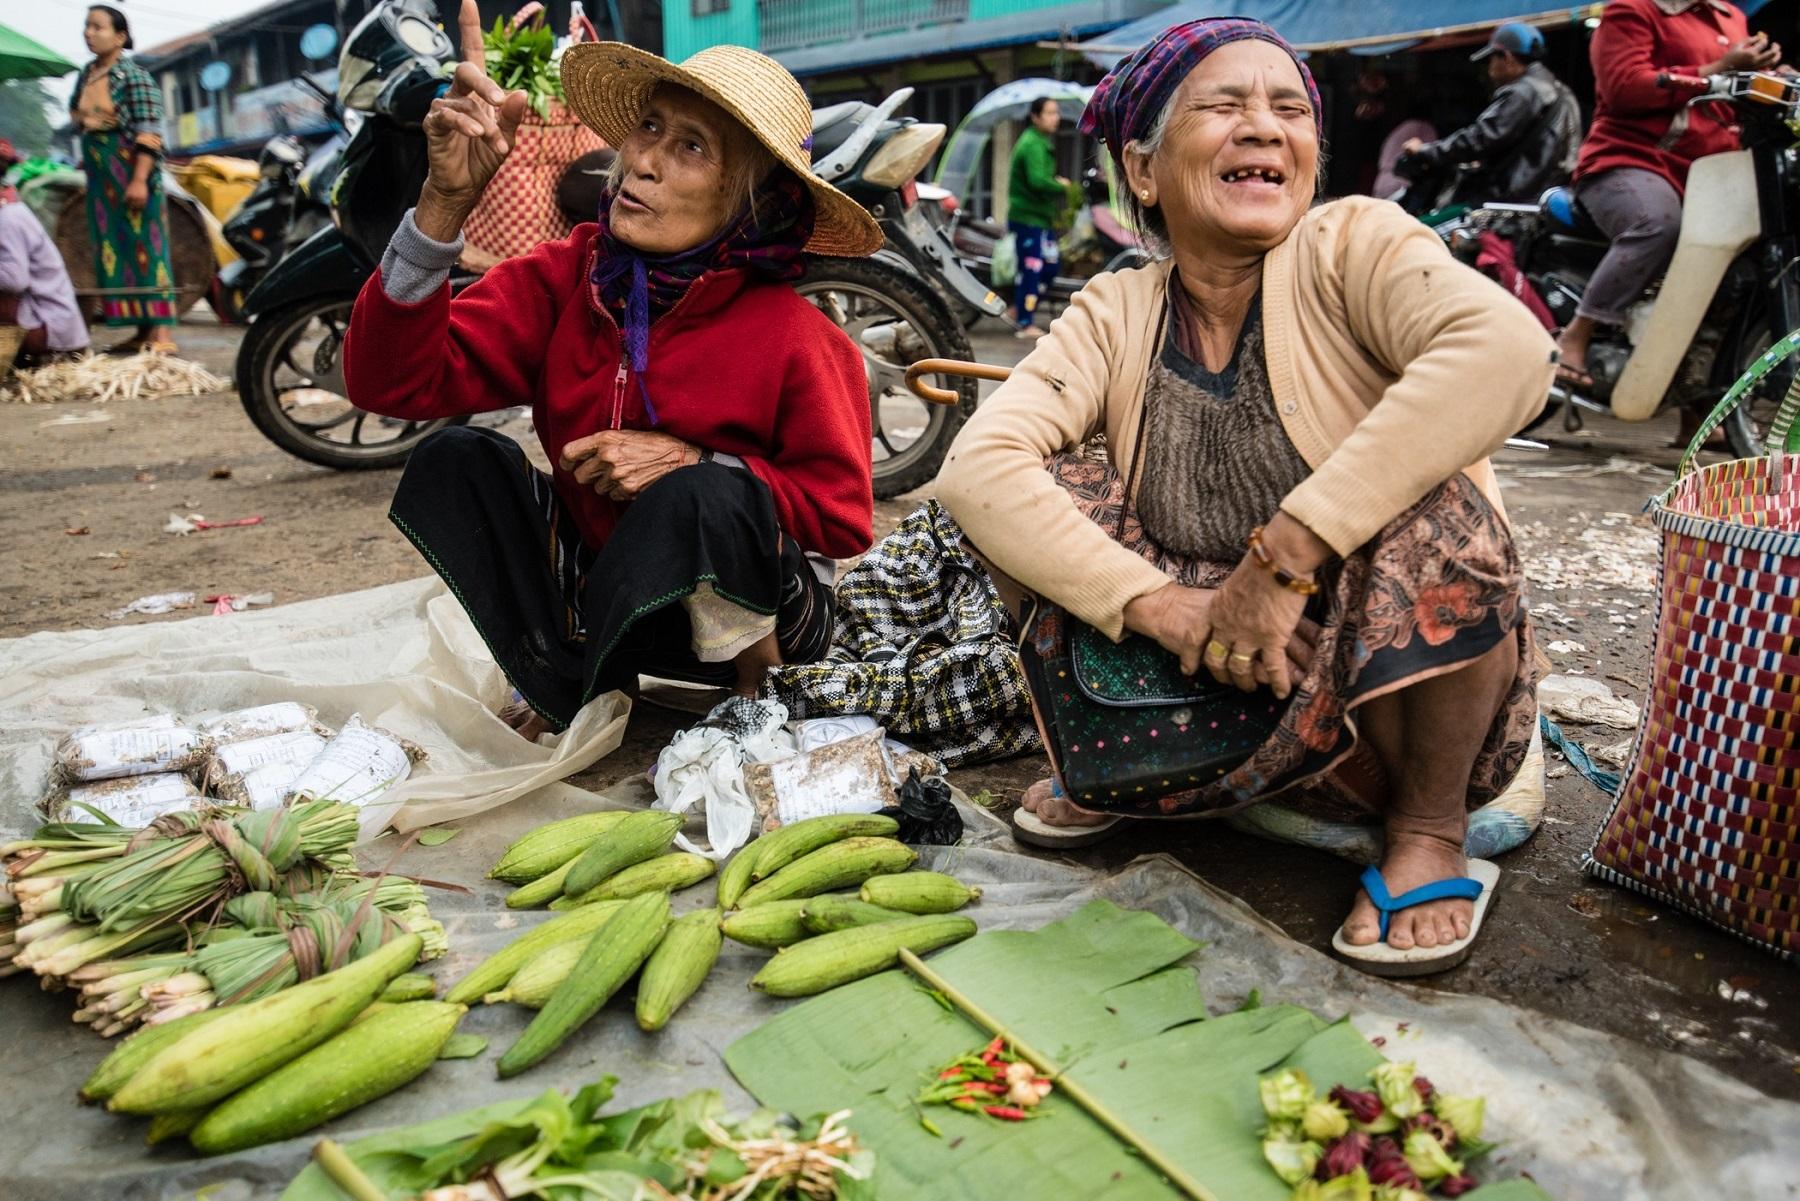 57_Kathleen_Gerber_Women in the Market.jpg